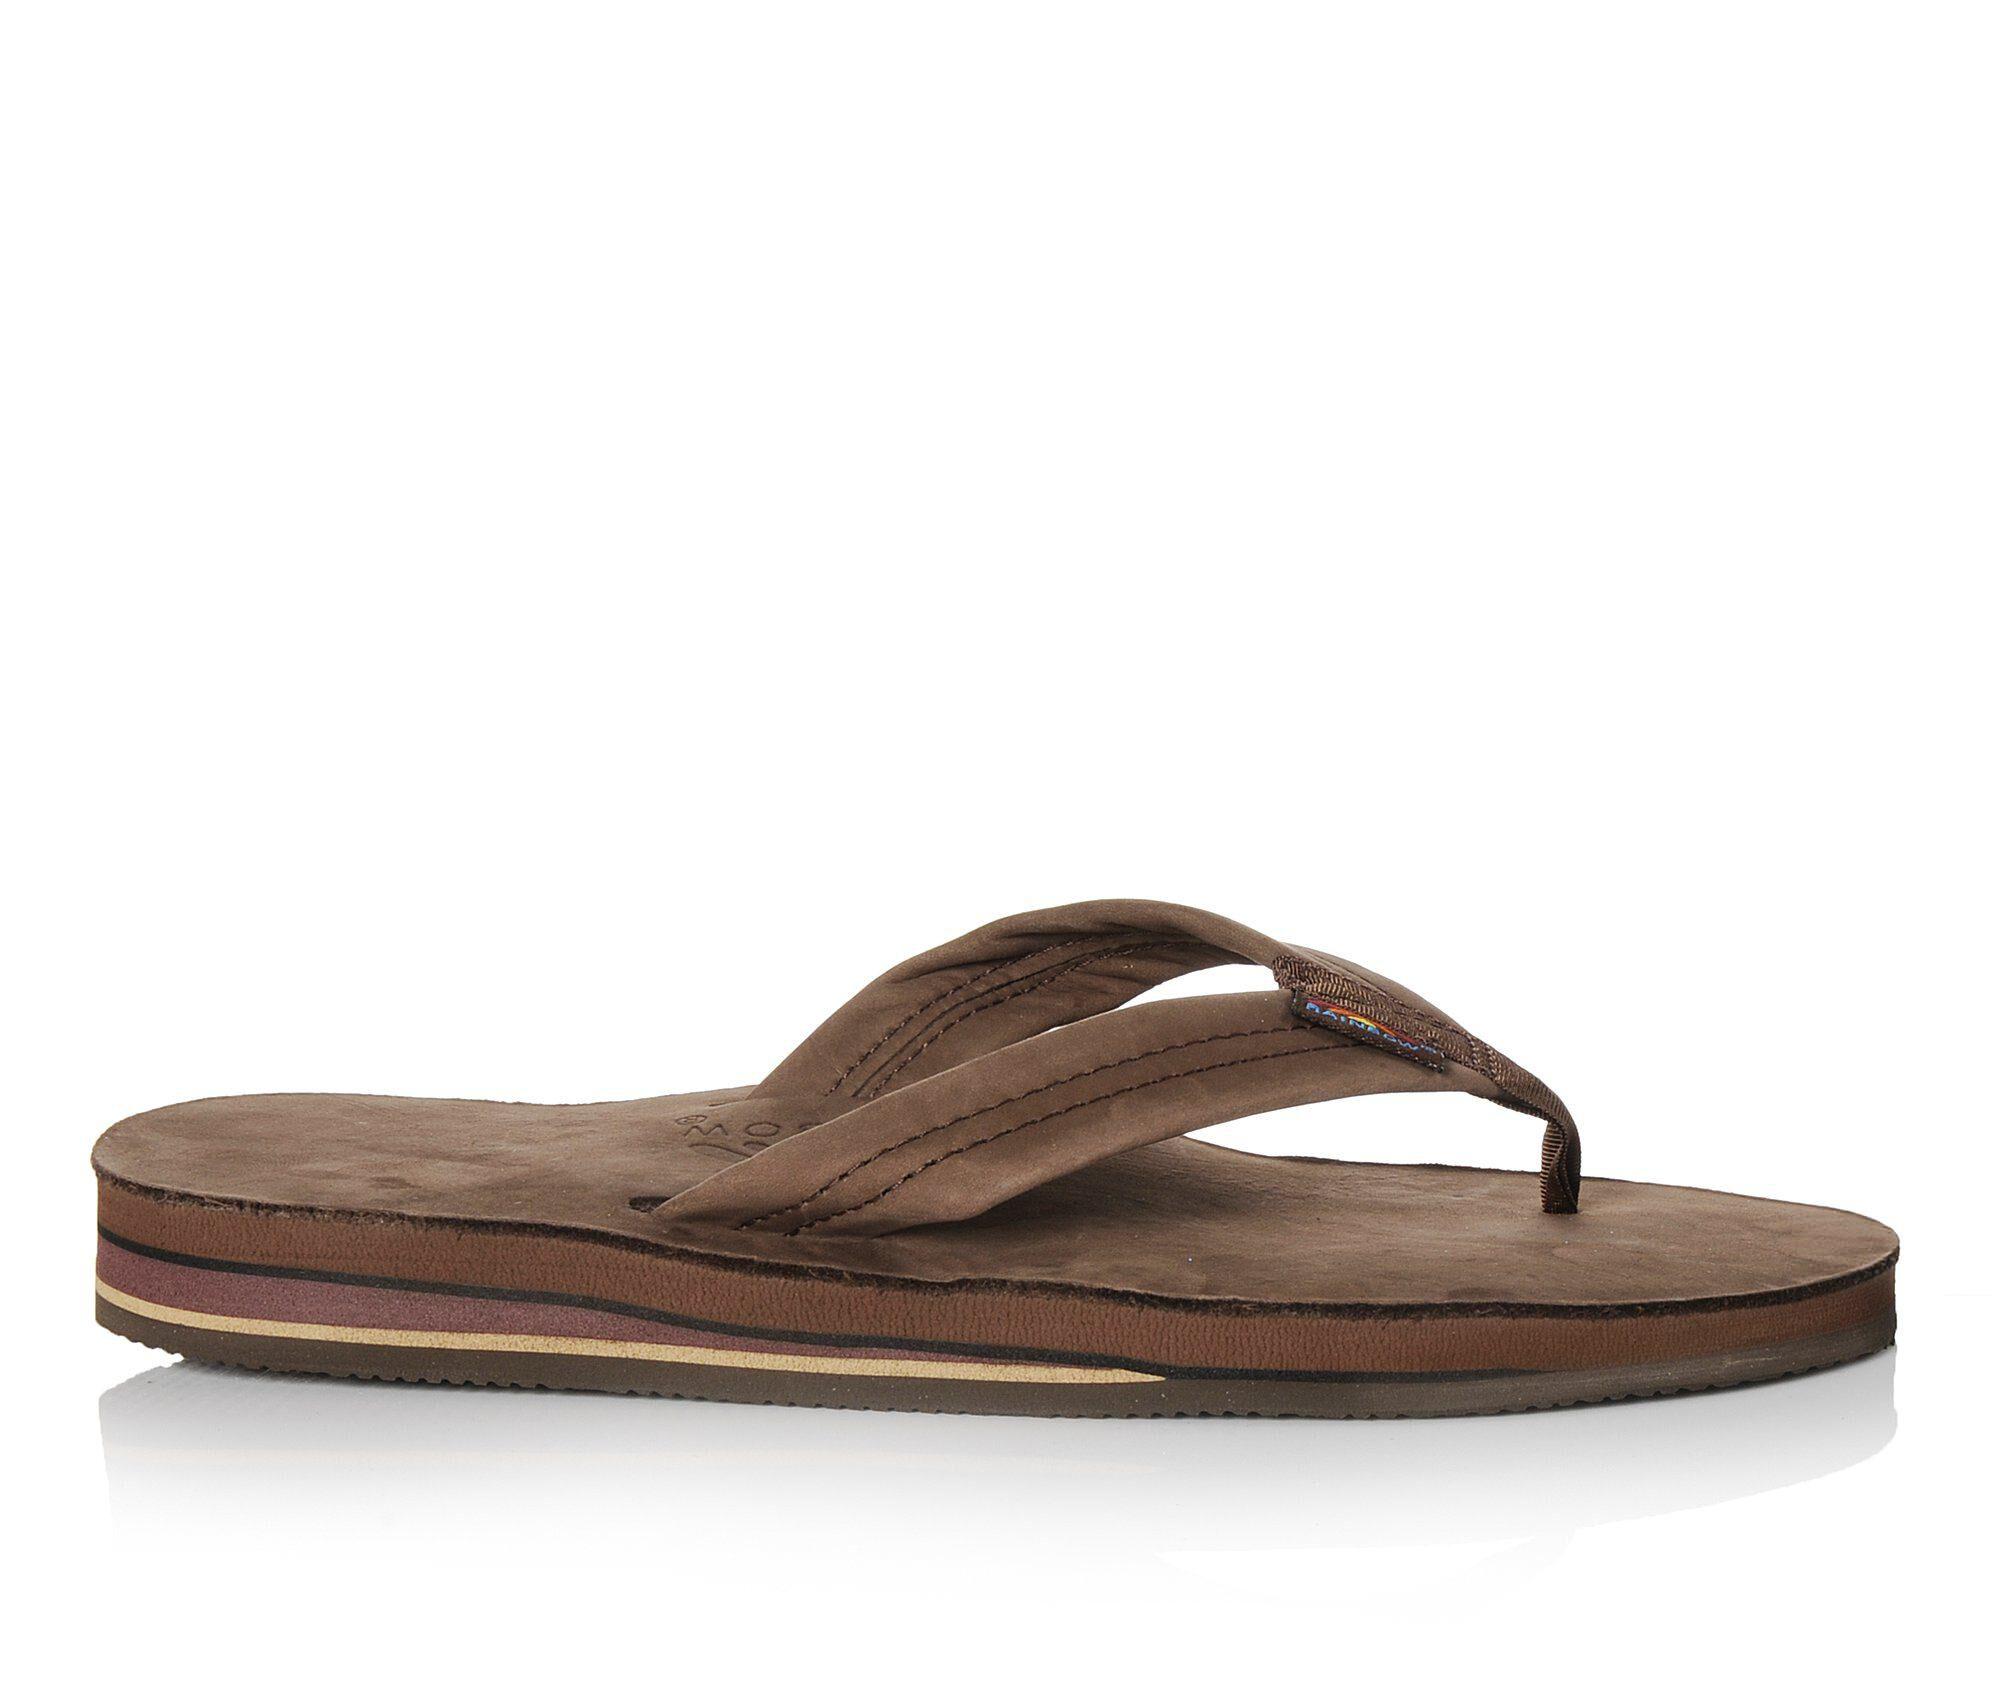 Men's Rainbow Sandals Premier Leather Flip-Flops Espresso